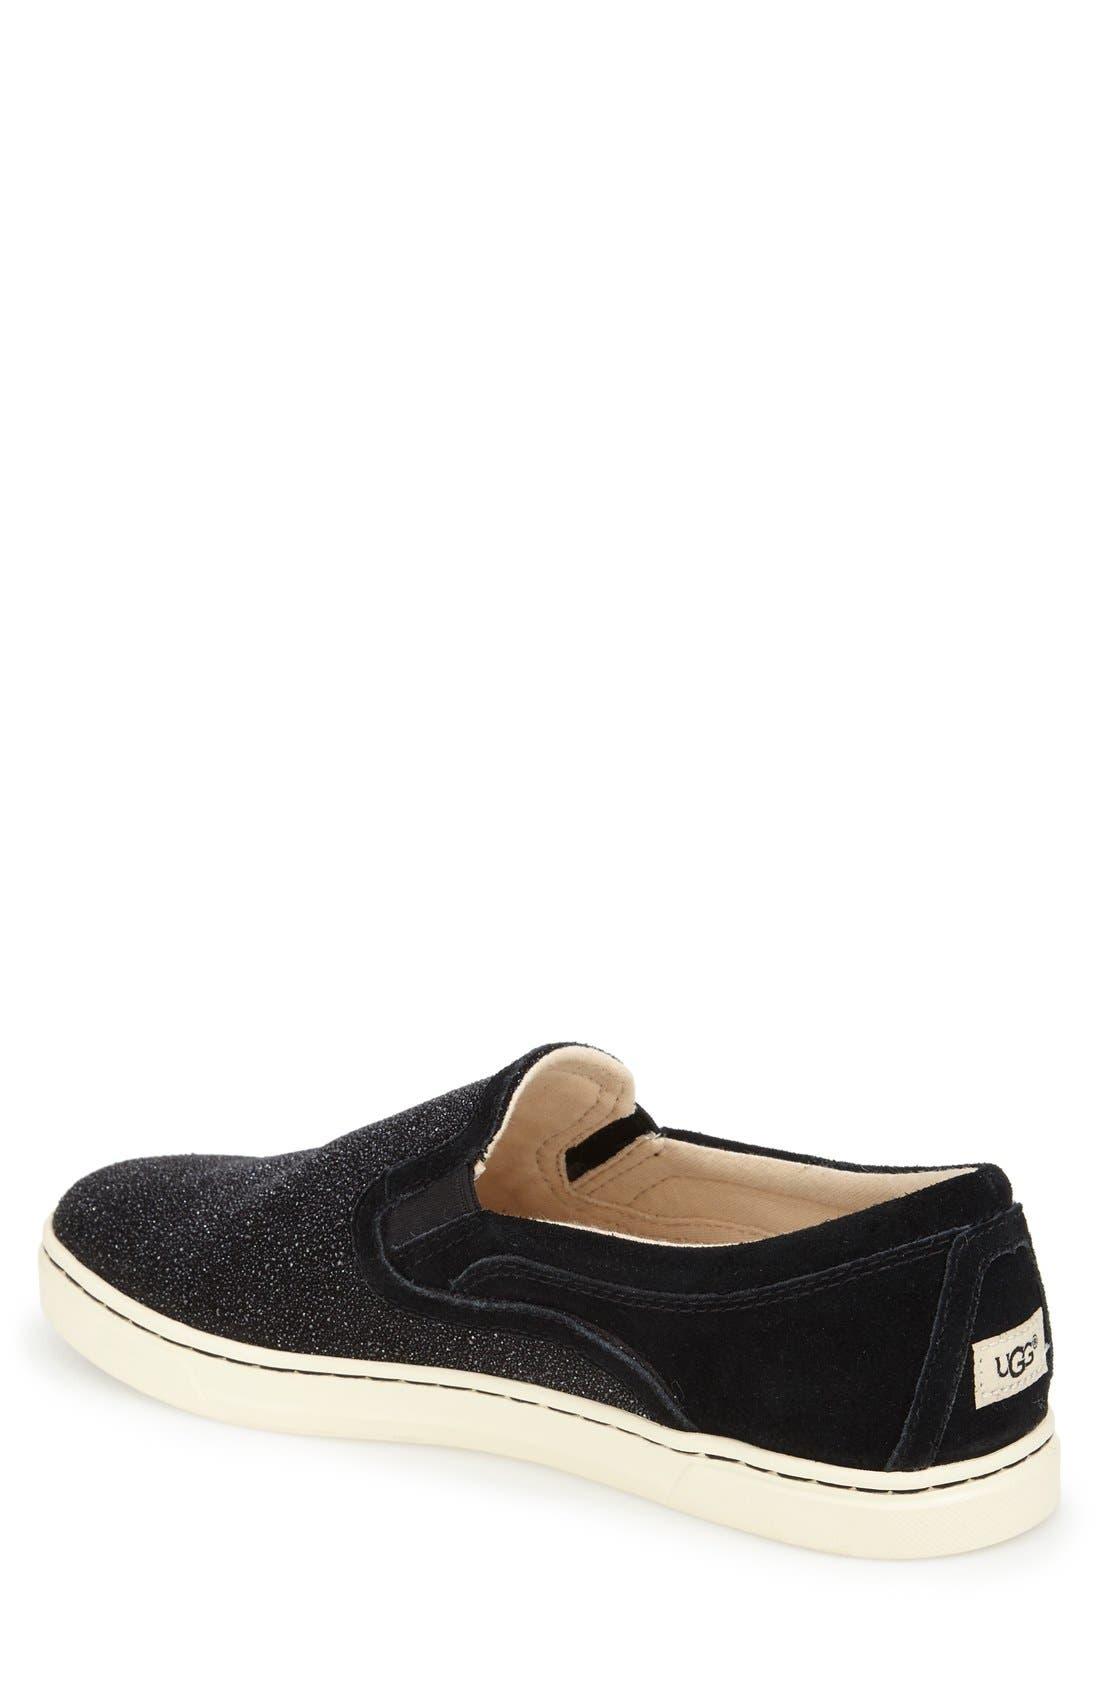 Fierce Slip-On Sneaker,                             Alternate thumbnail 2, color,                             Black Fabric